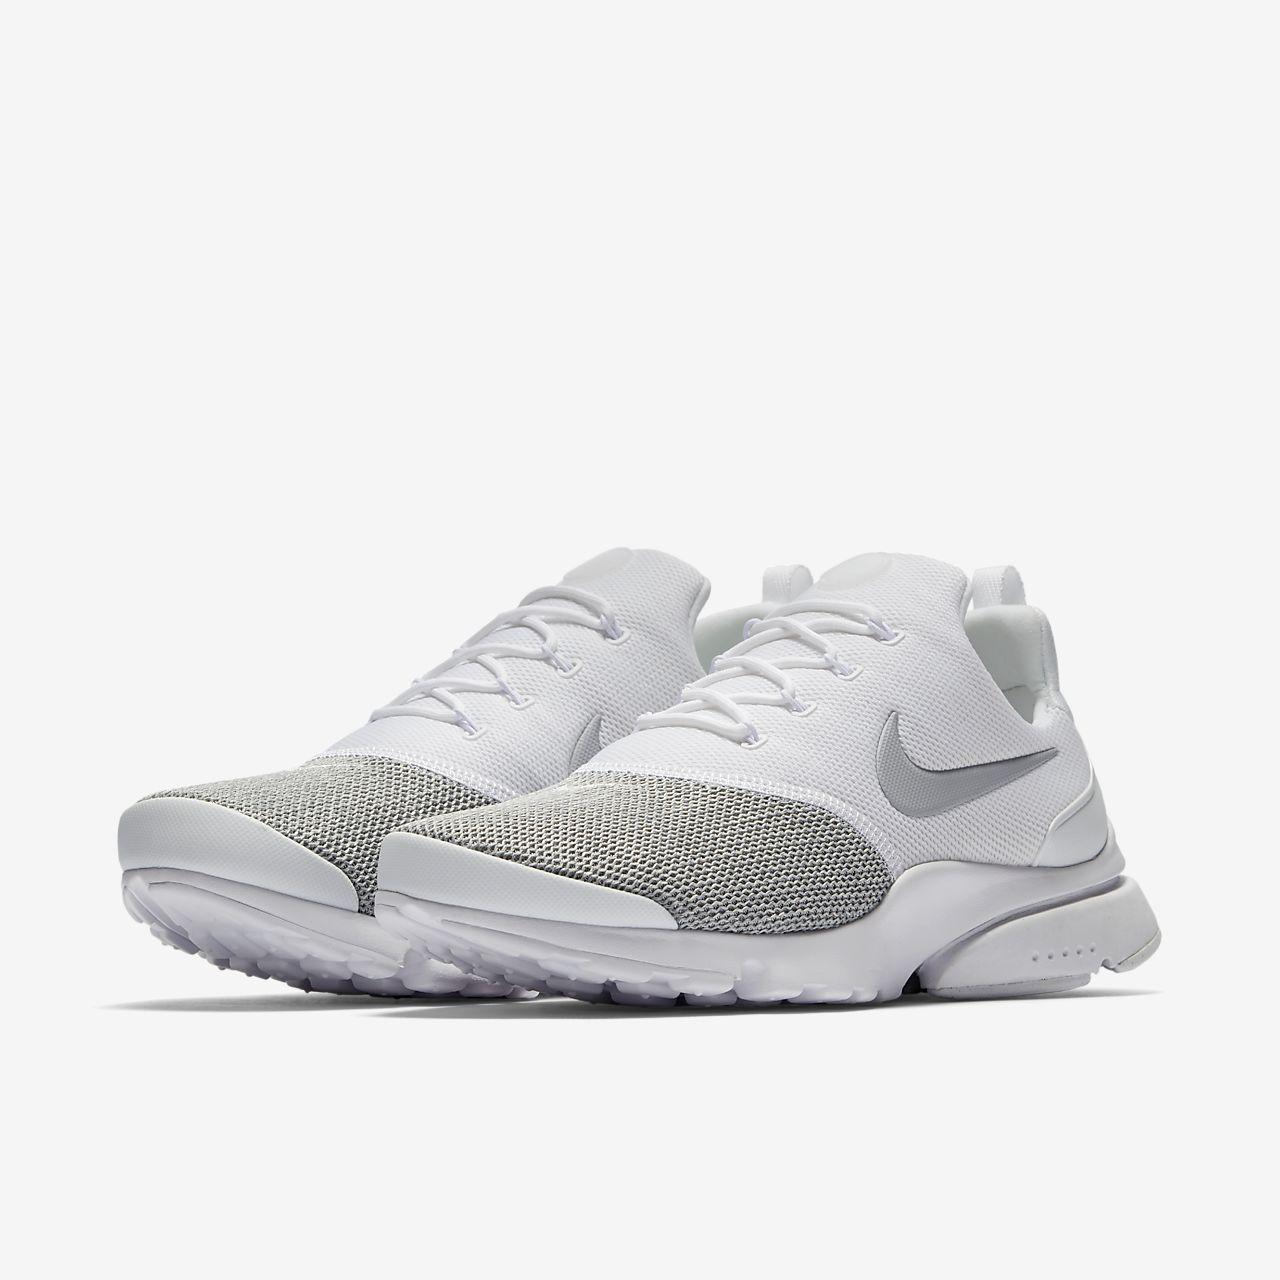 Nike WMNS Presto Fly SE White/ Wolf Grey-Wolf Grey Con Paypal En Línea Entrega Rápida Salida Mejor Para La Venta YHwhZ1UEHc